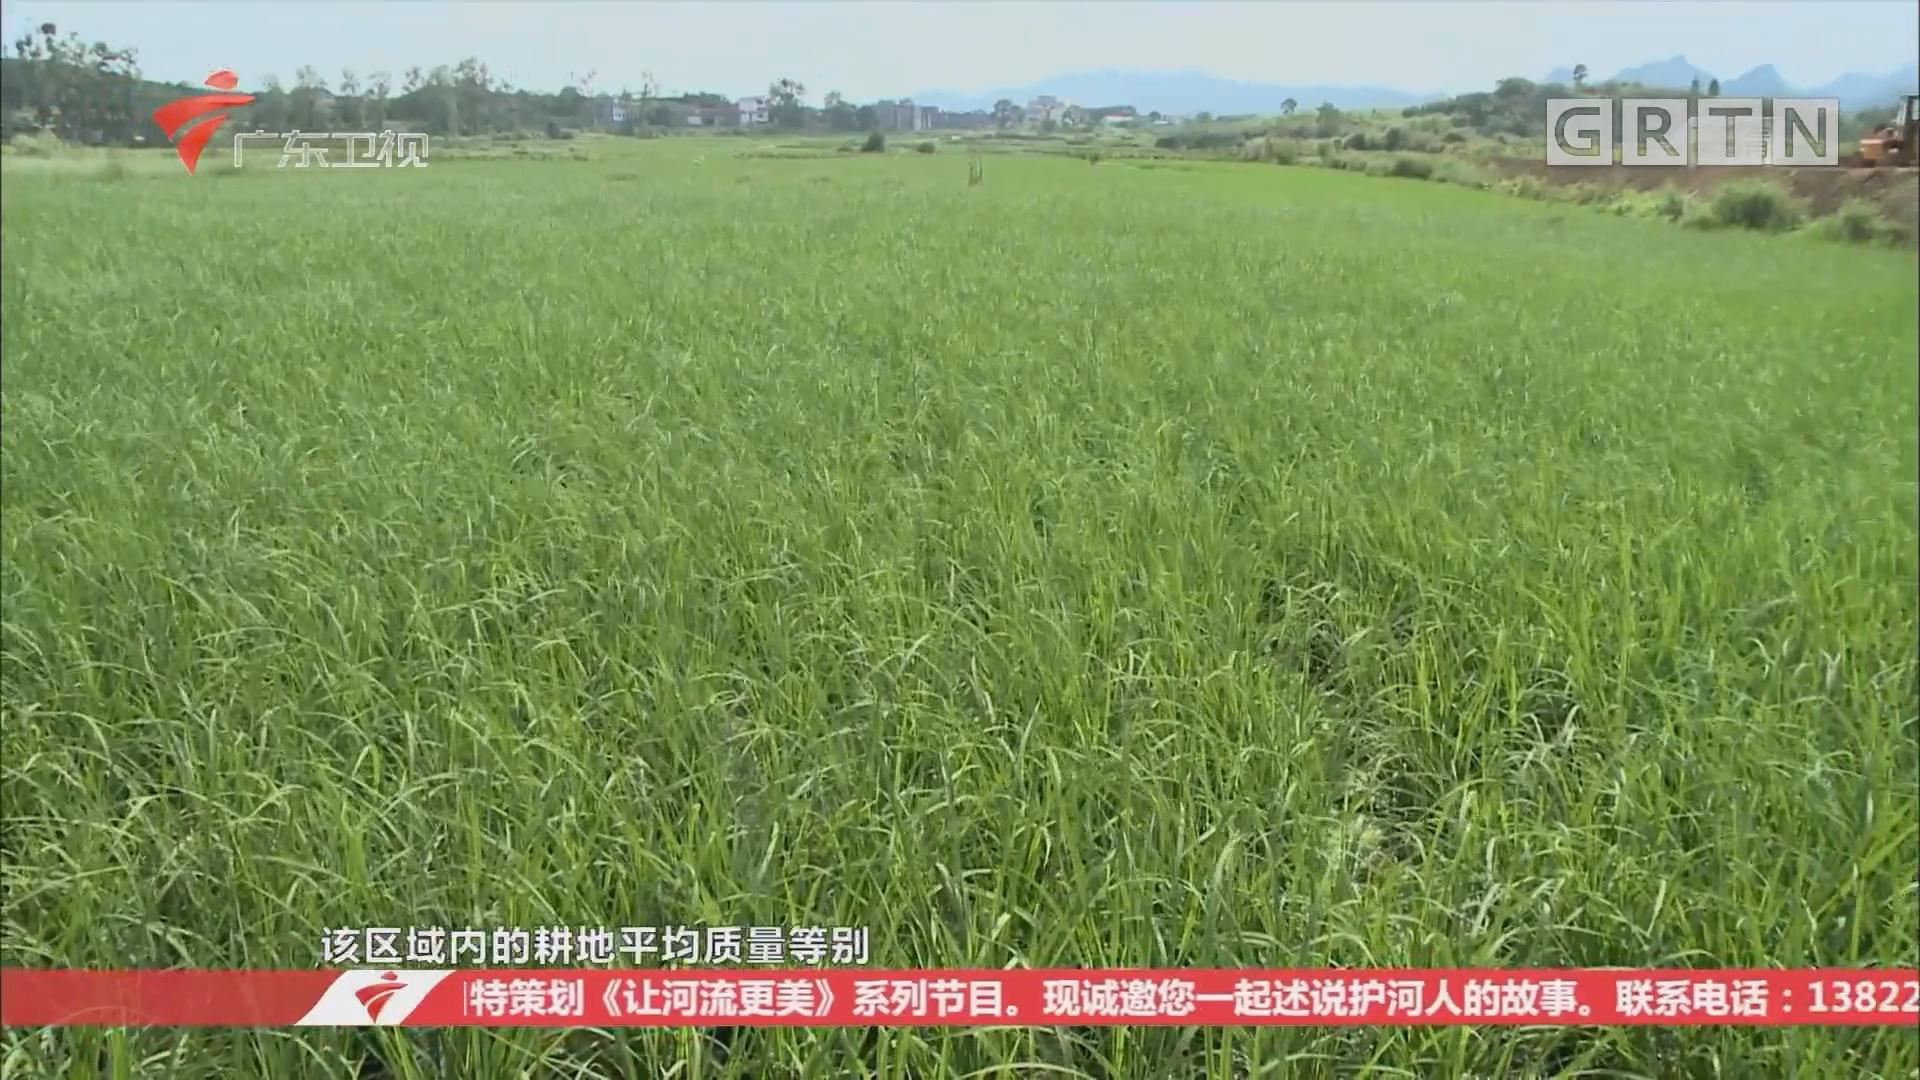 清远:连州市垦造水田 夯实农业发展基础